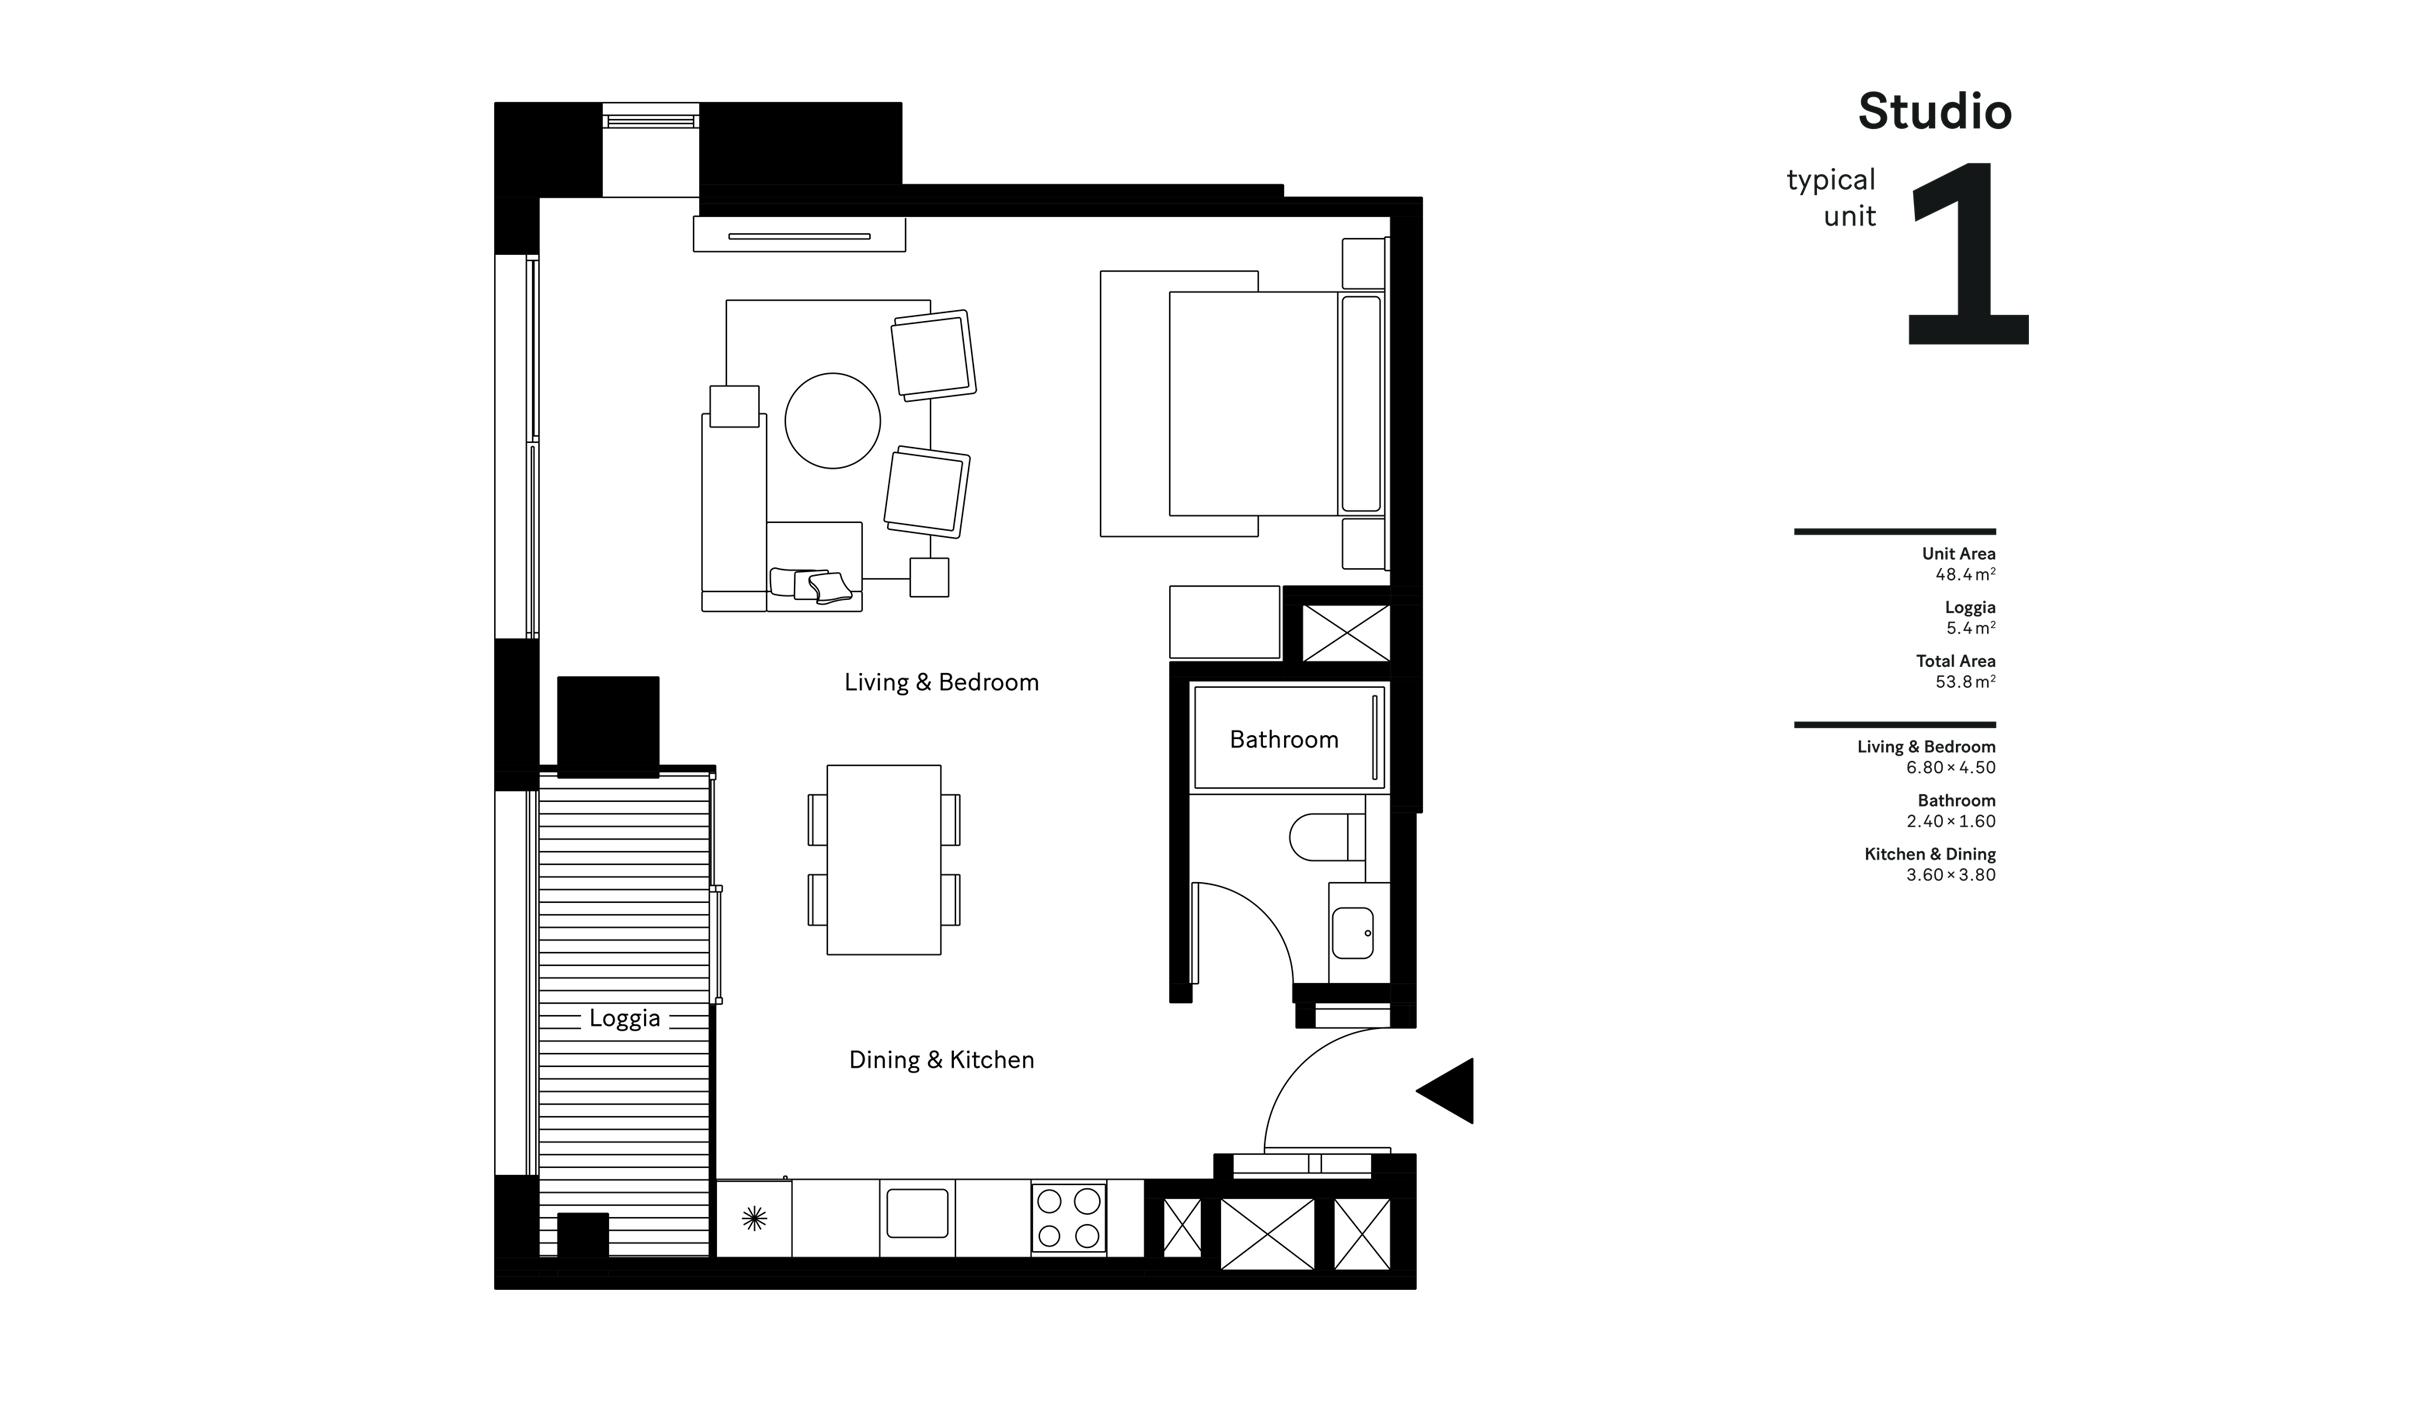 استوديو، وحدة نموذجية 1، حجم 53.8 متر مربع